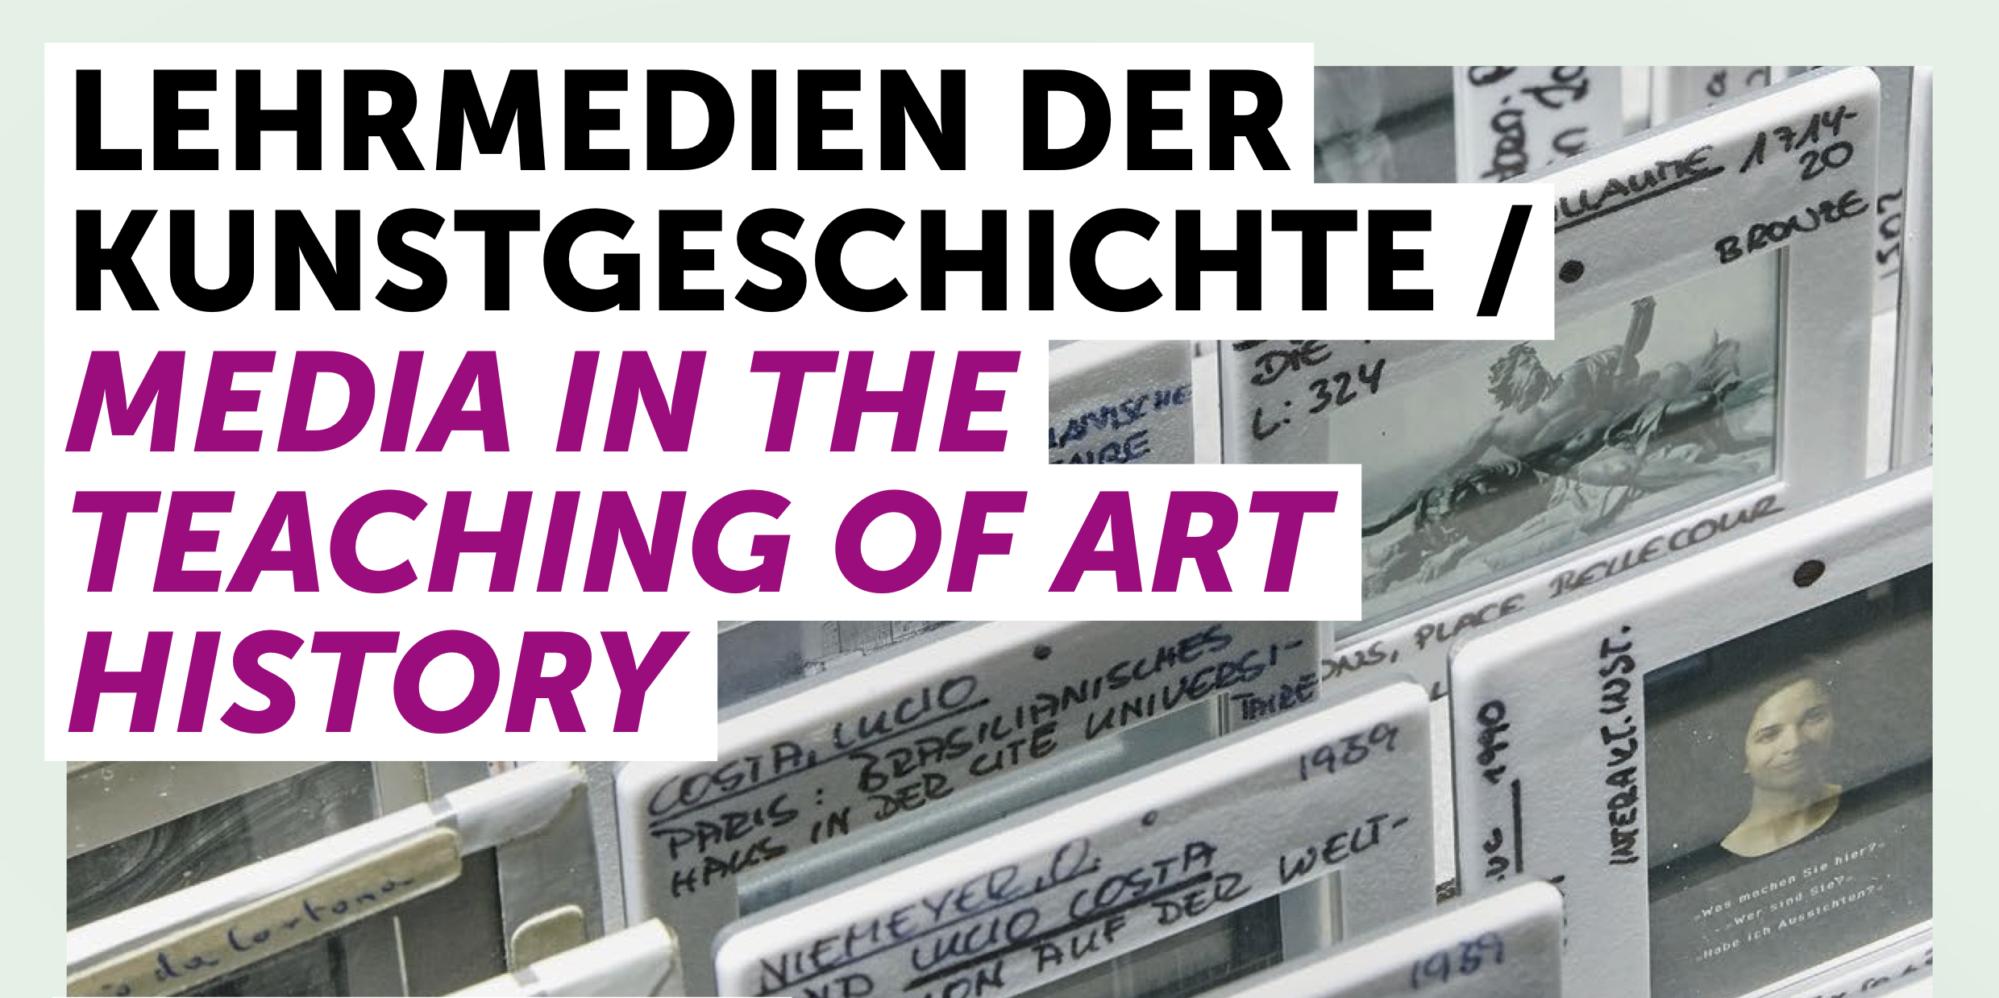 Lehrmedien der Kunstgeschichte